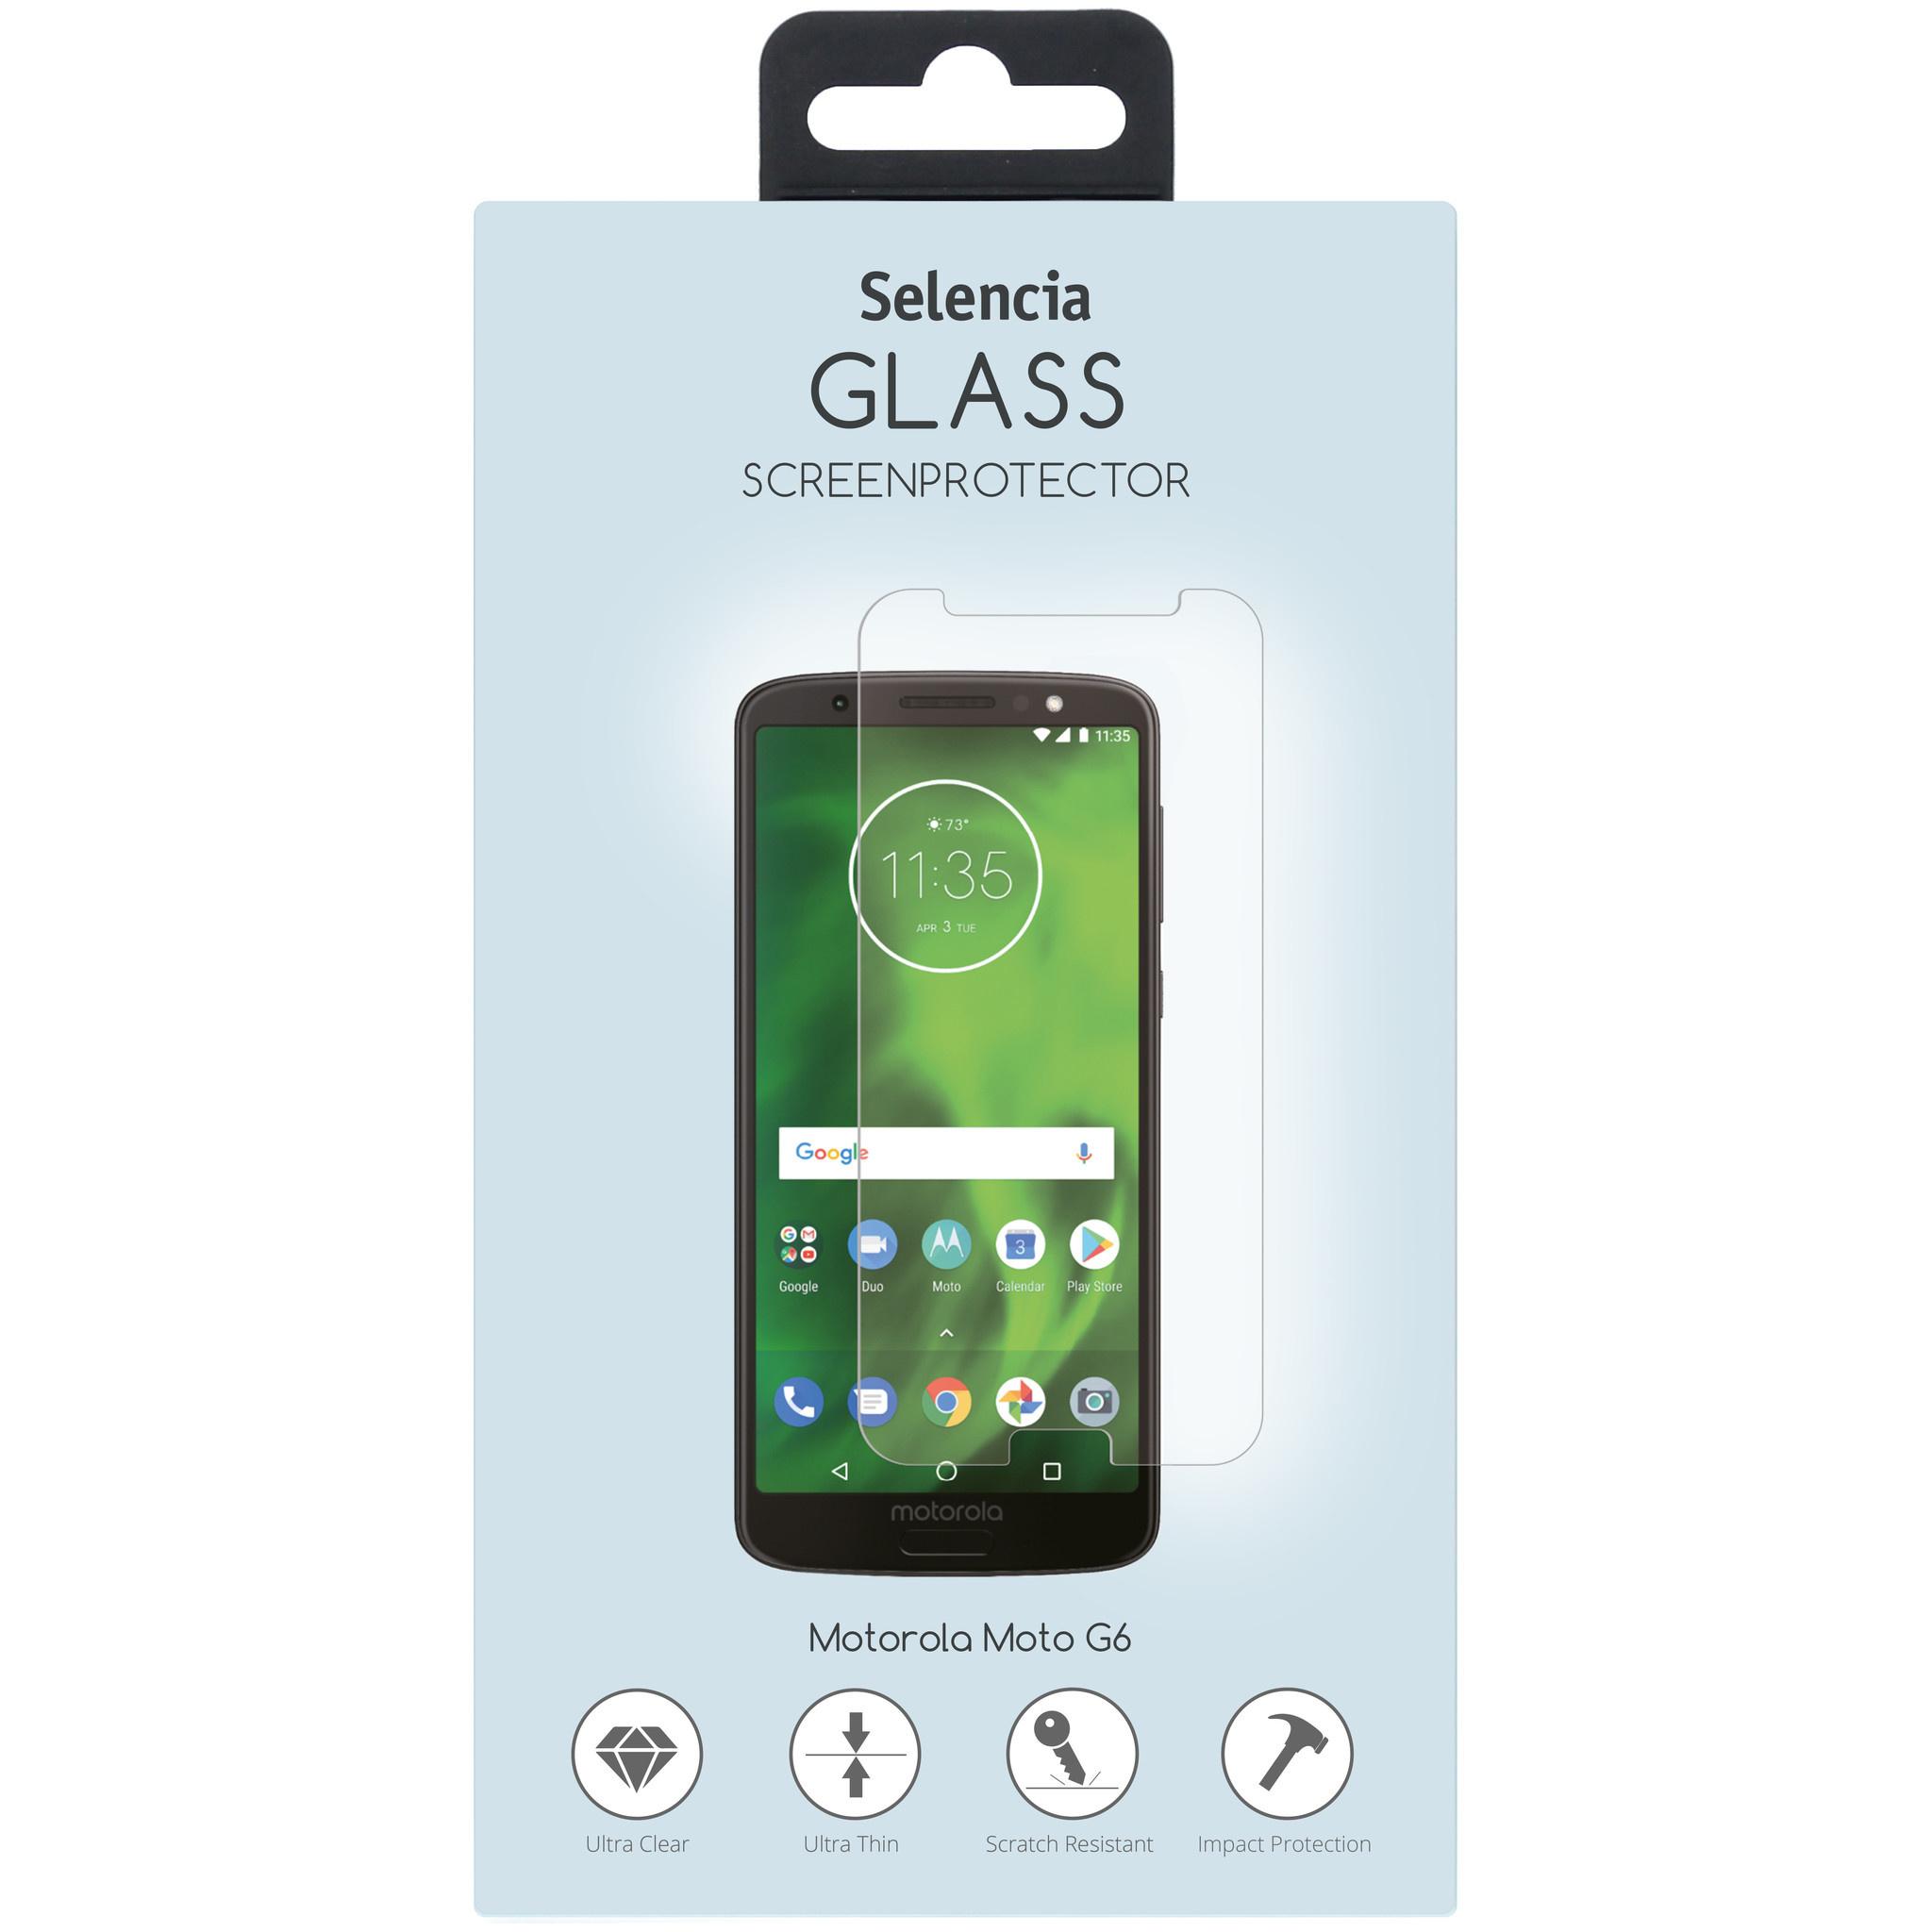 Selencia Displayschutz aus gehärtetem Glas für das Motorola Moto G6